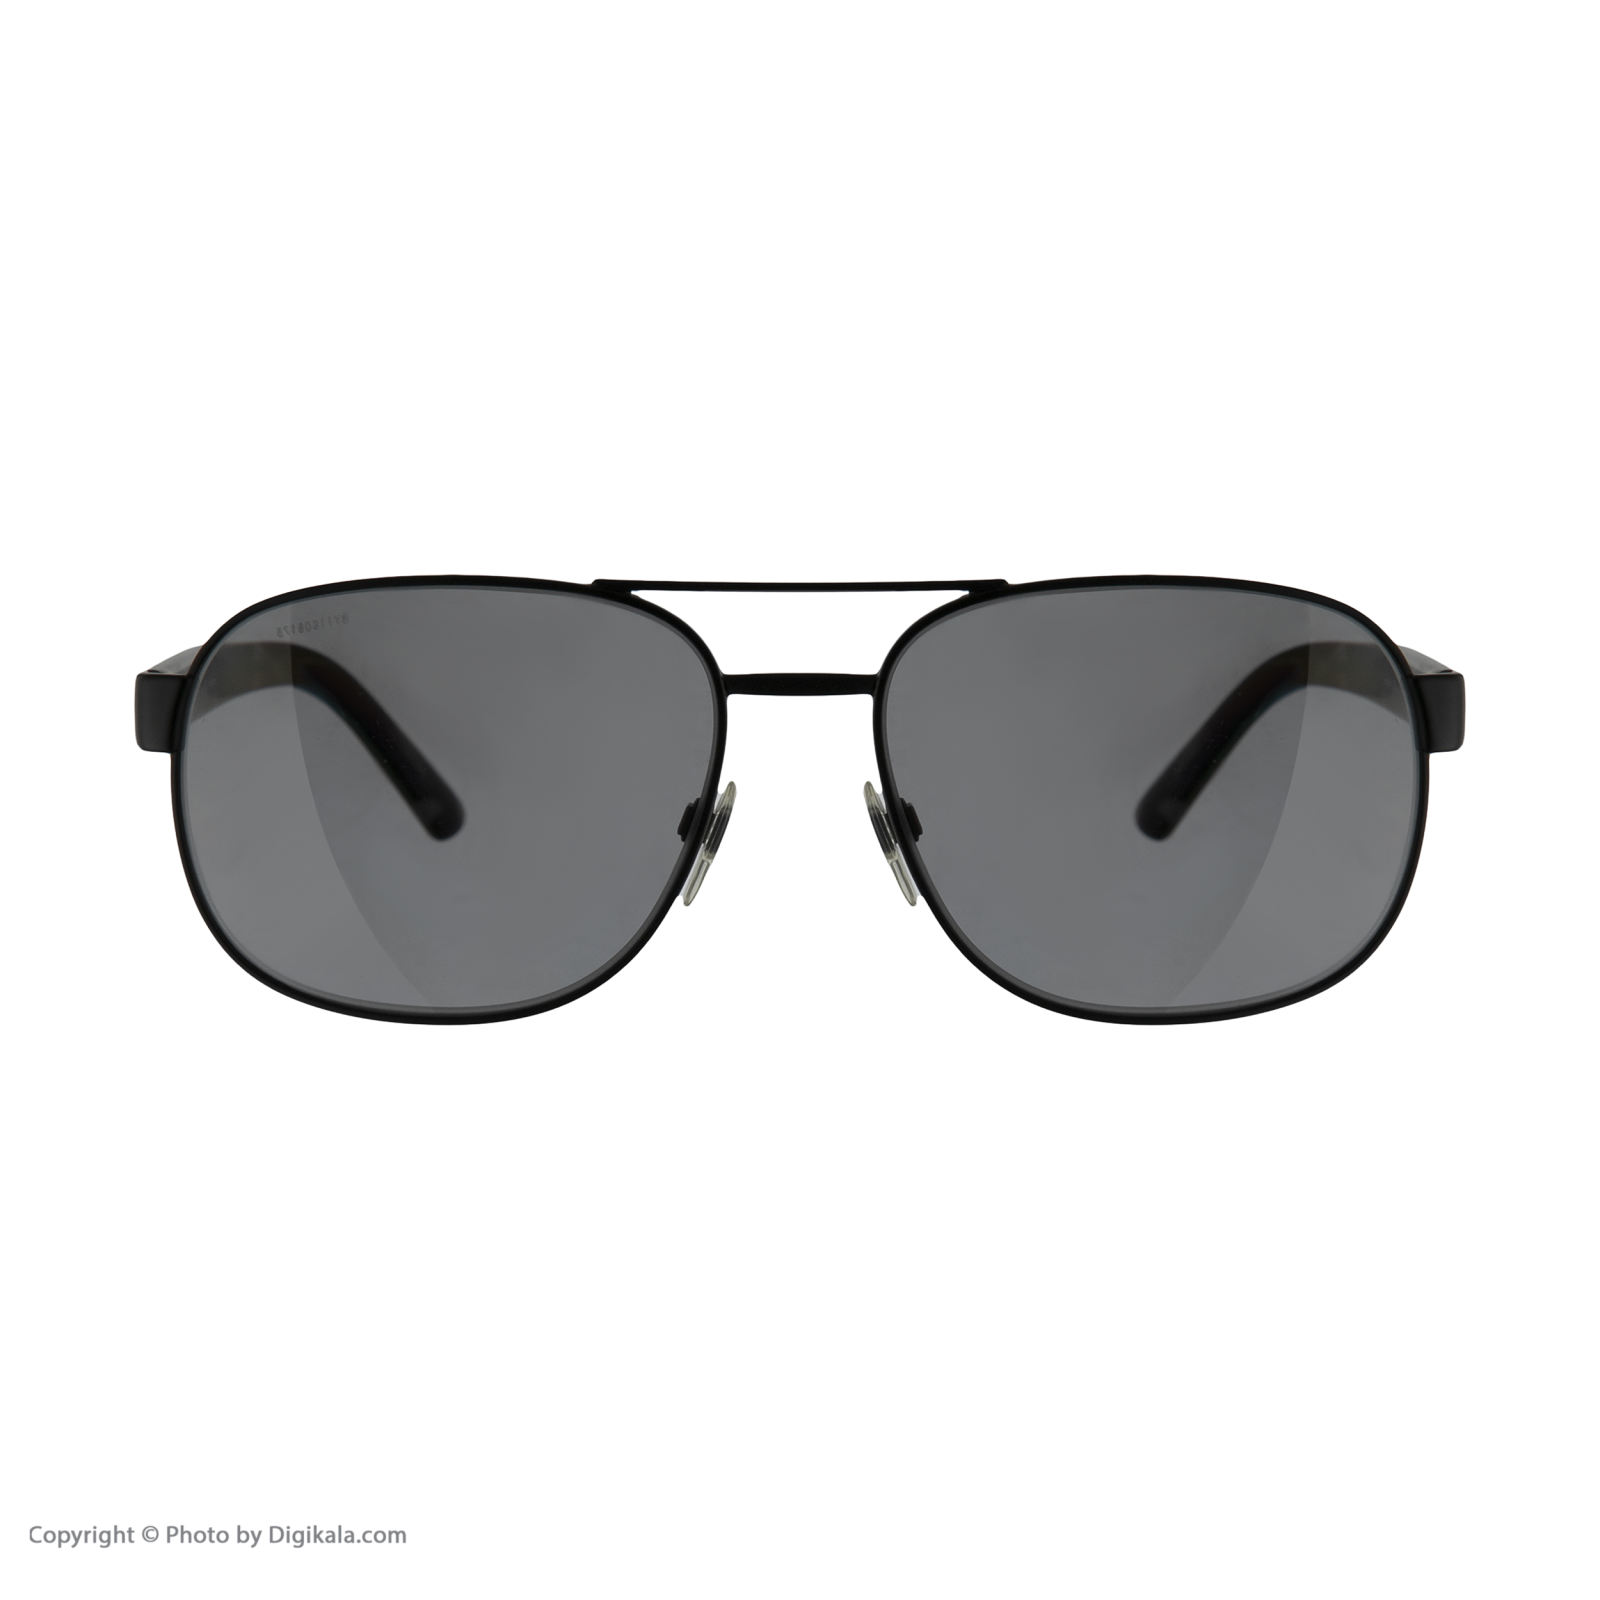 عینک آفتابی زنانه بربری مدل BE 3083S 1007T8 59 -  - 3